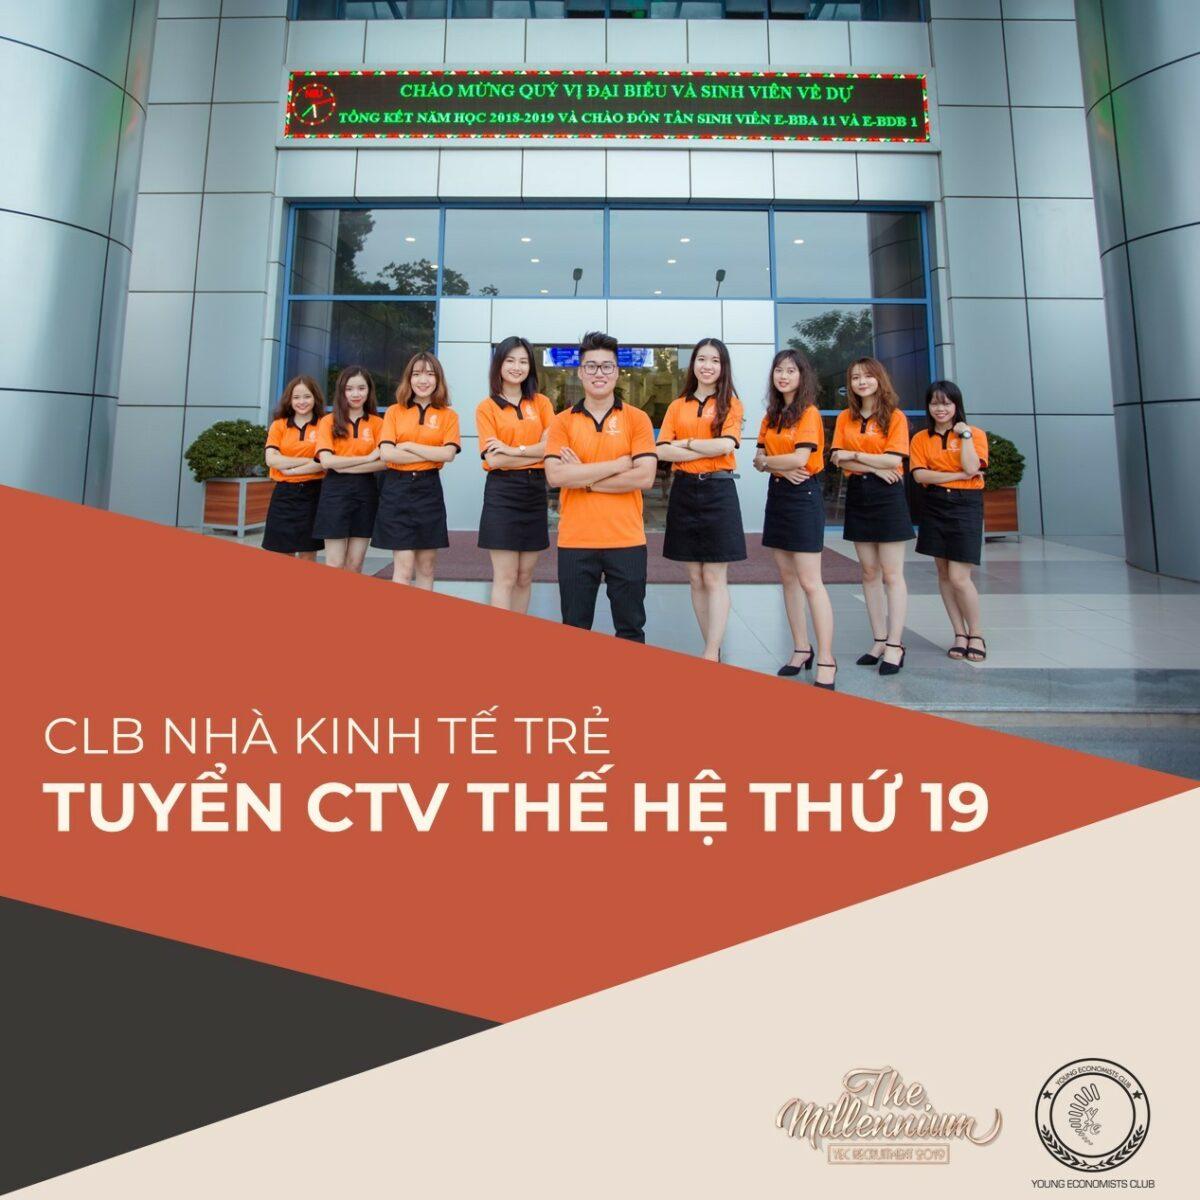 CLB Nhà kinh tế trẻ YEC phát động Kỳ tuyển dụng CTV thế hệ 19